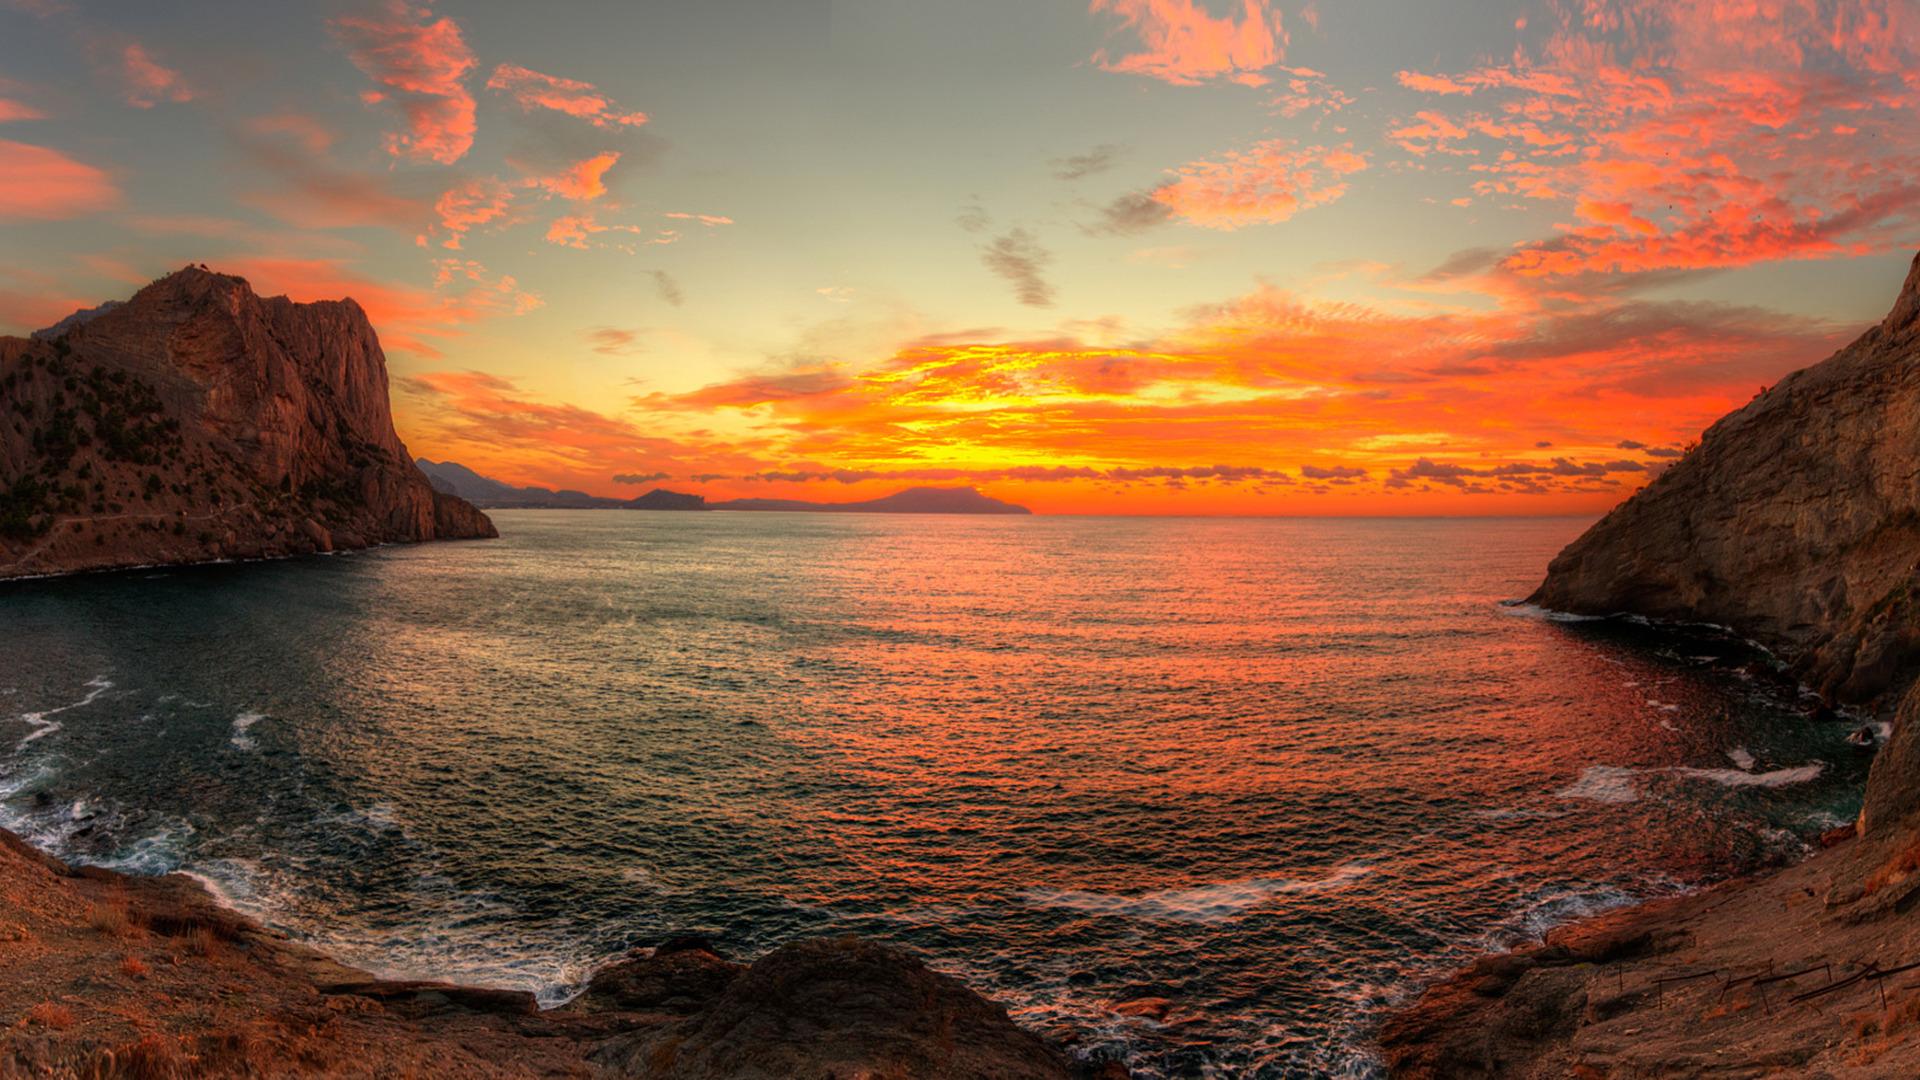 шокирова больше море горы рассвет фотообои в хорошем качестве натуральные виды тканей